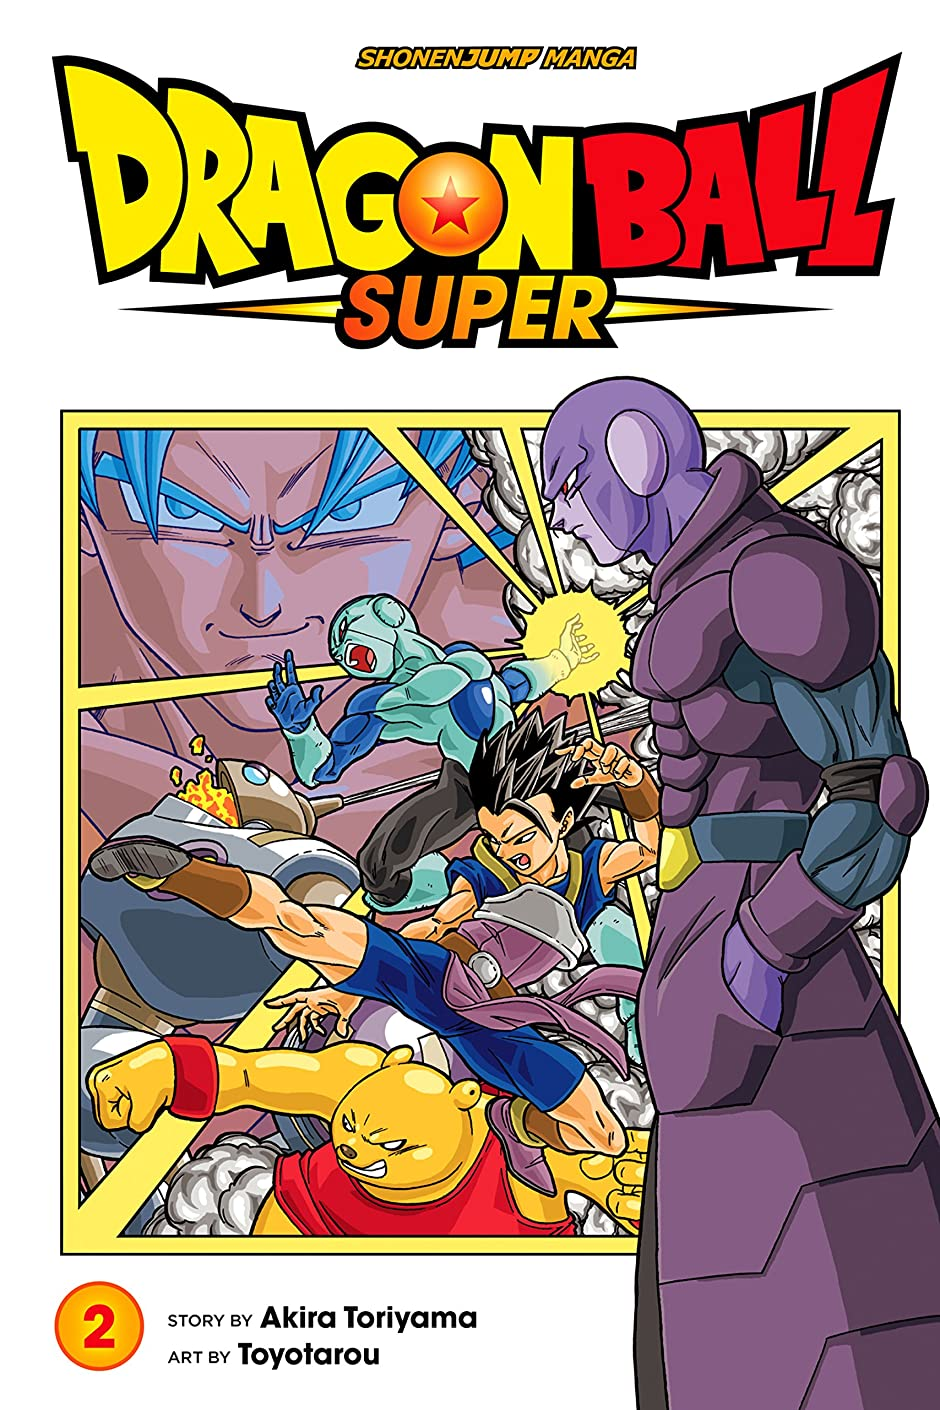 情熱的バズ条件付きDragon Ball Super, Vol. 2: The Winning Universe Is Decided! (English Edition)